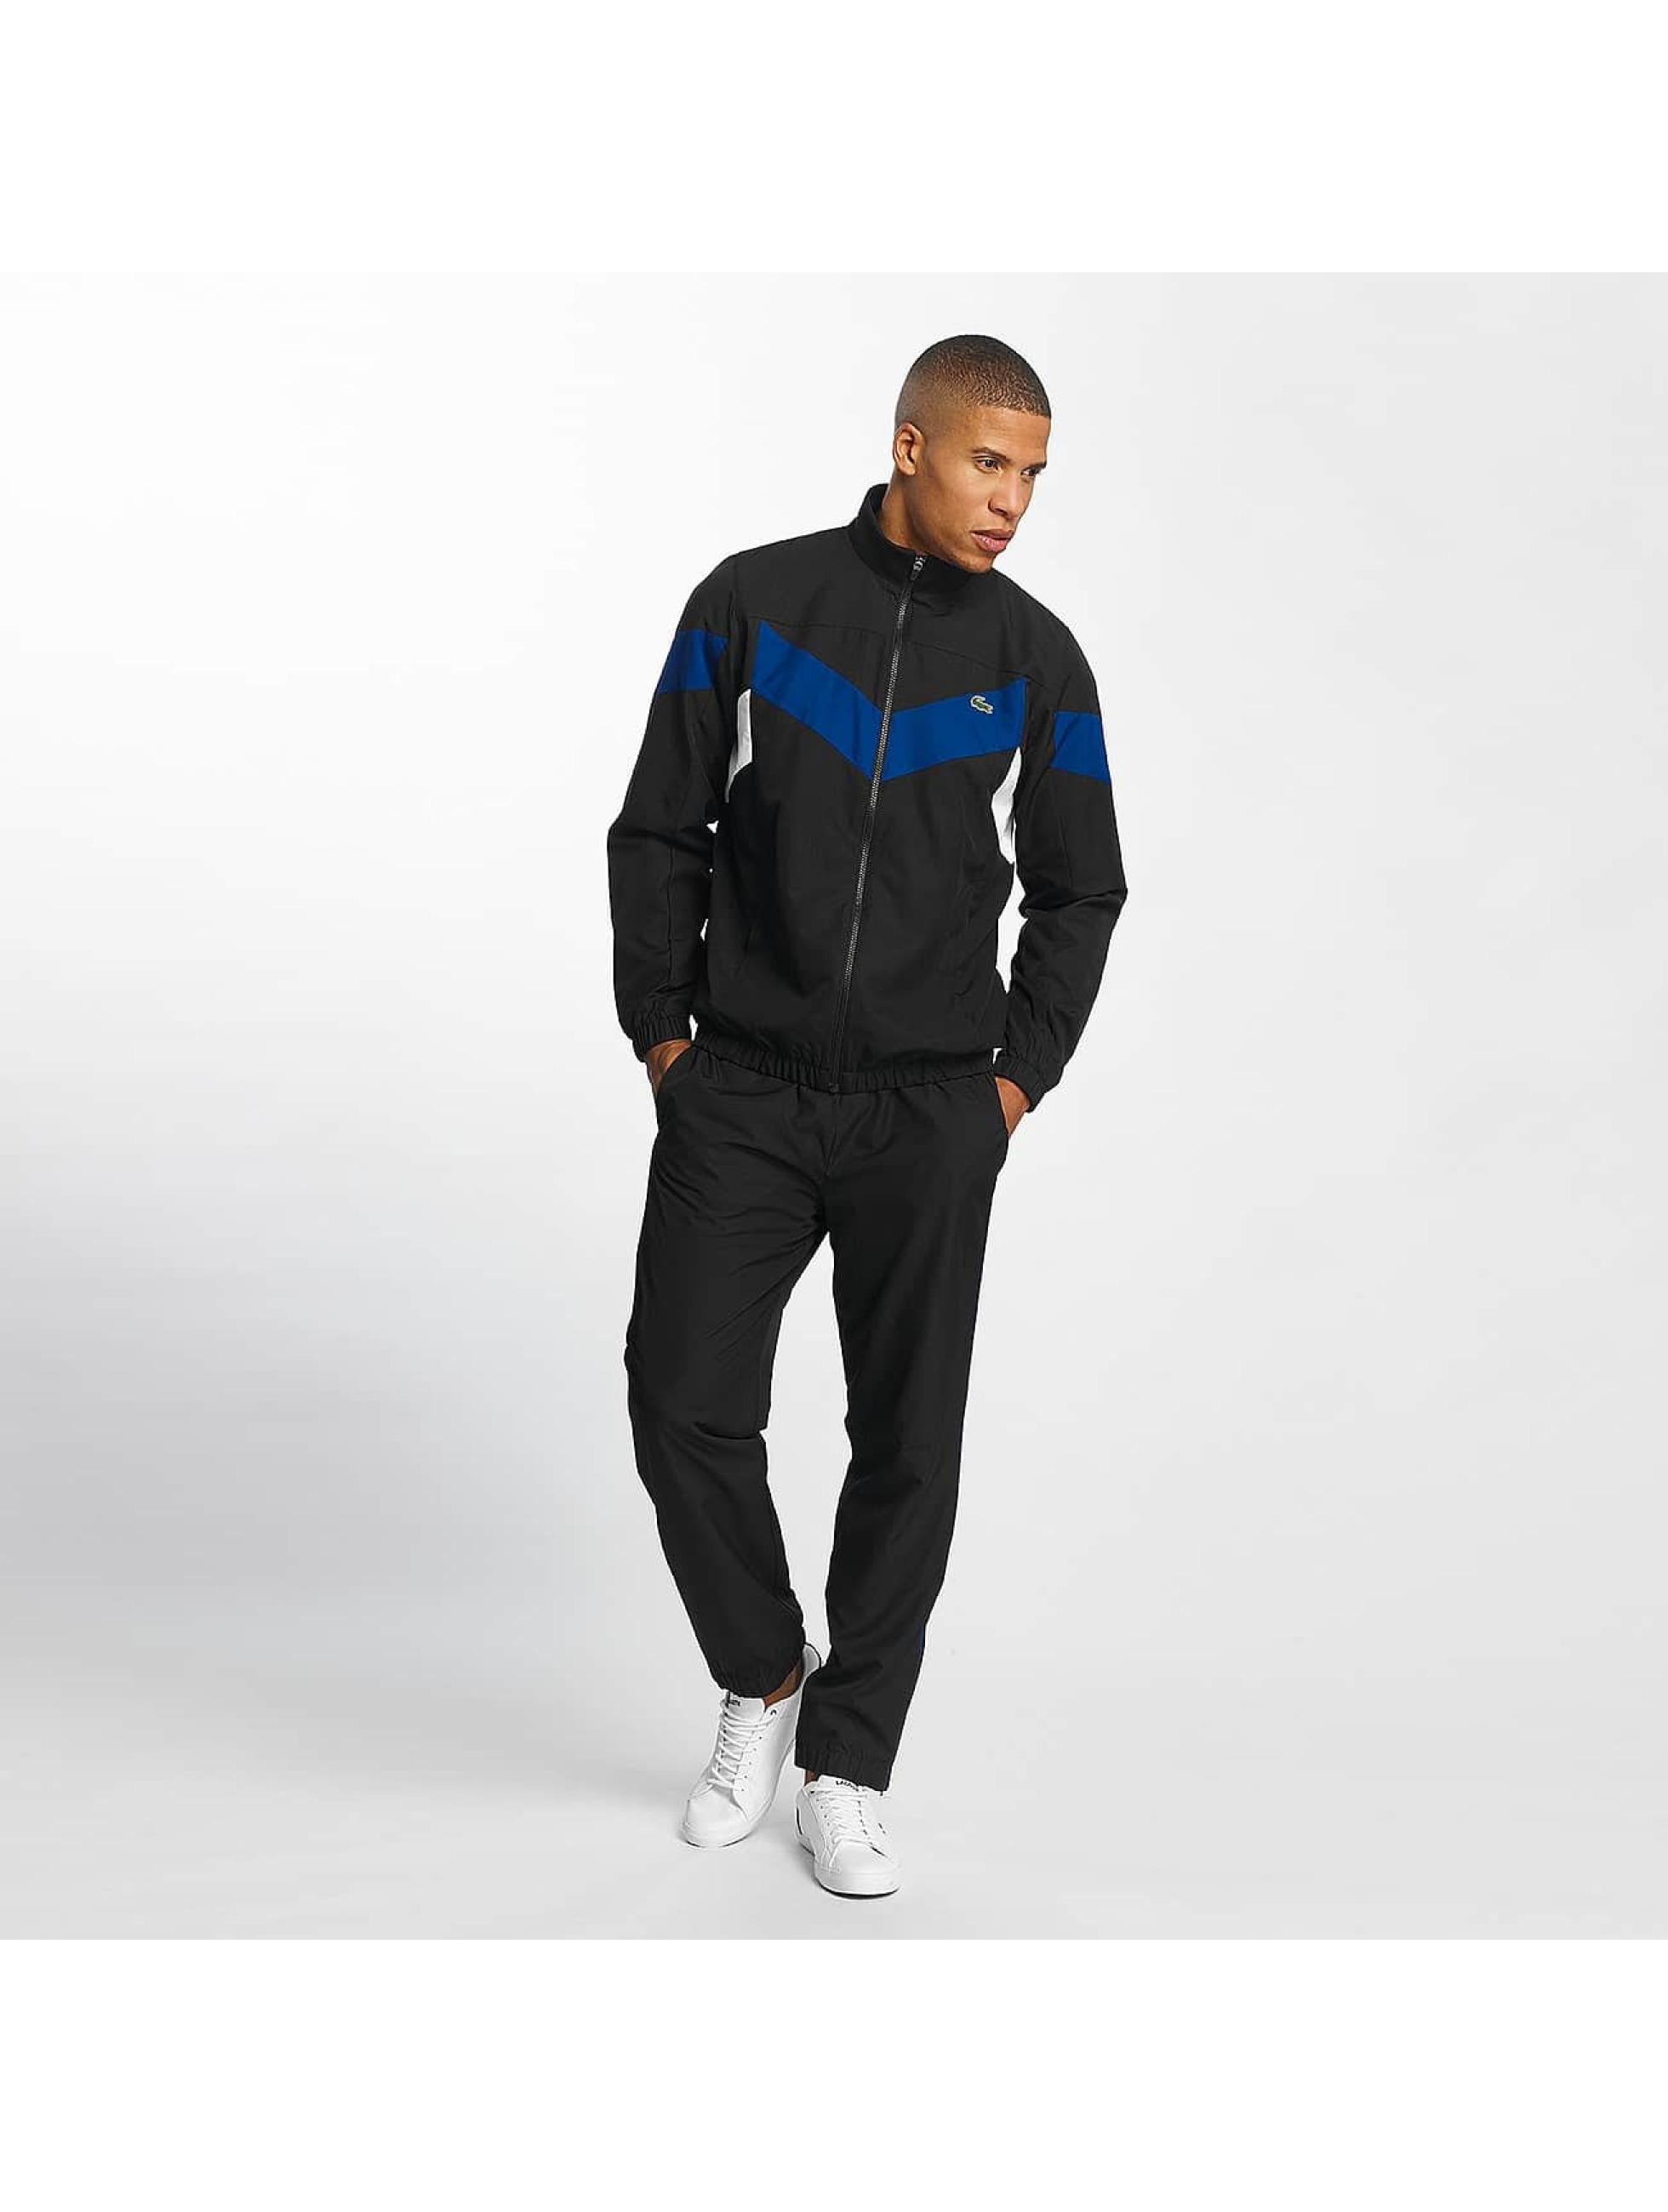 Lacoste Suits Colorblocks black